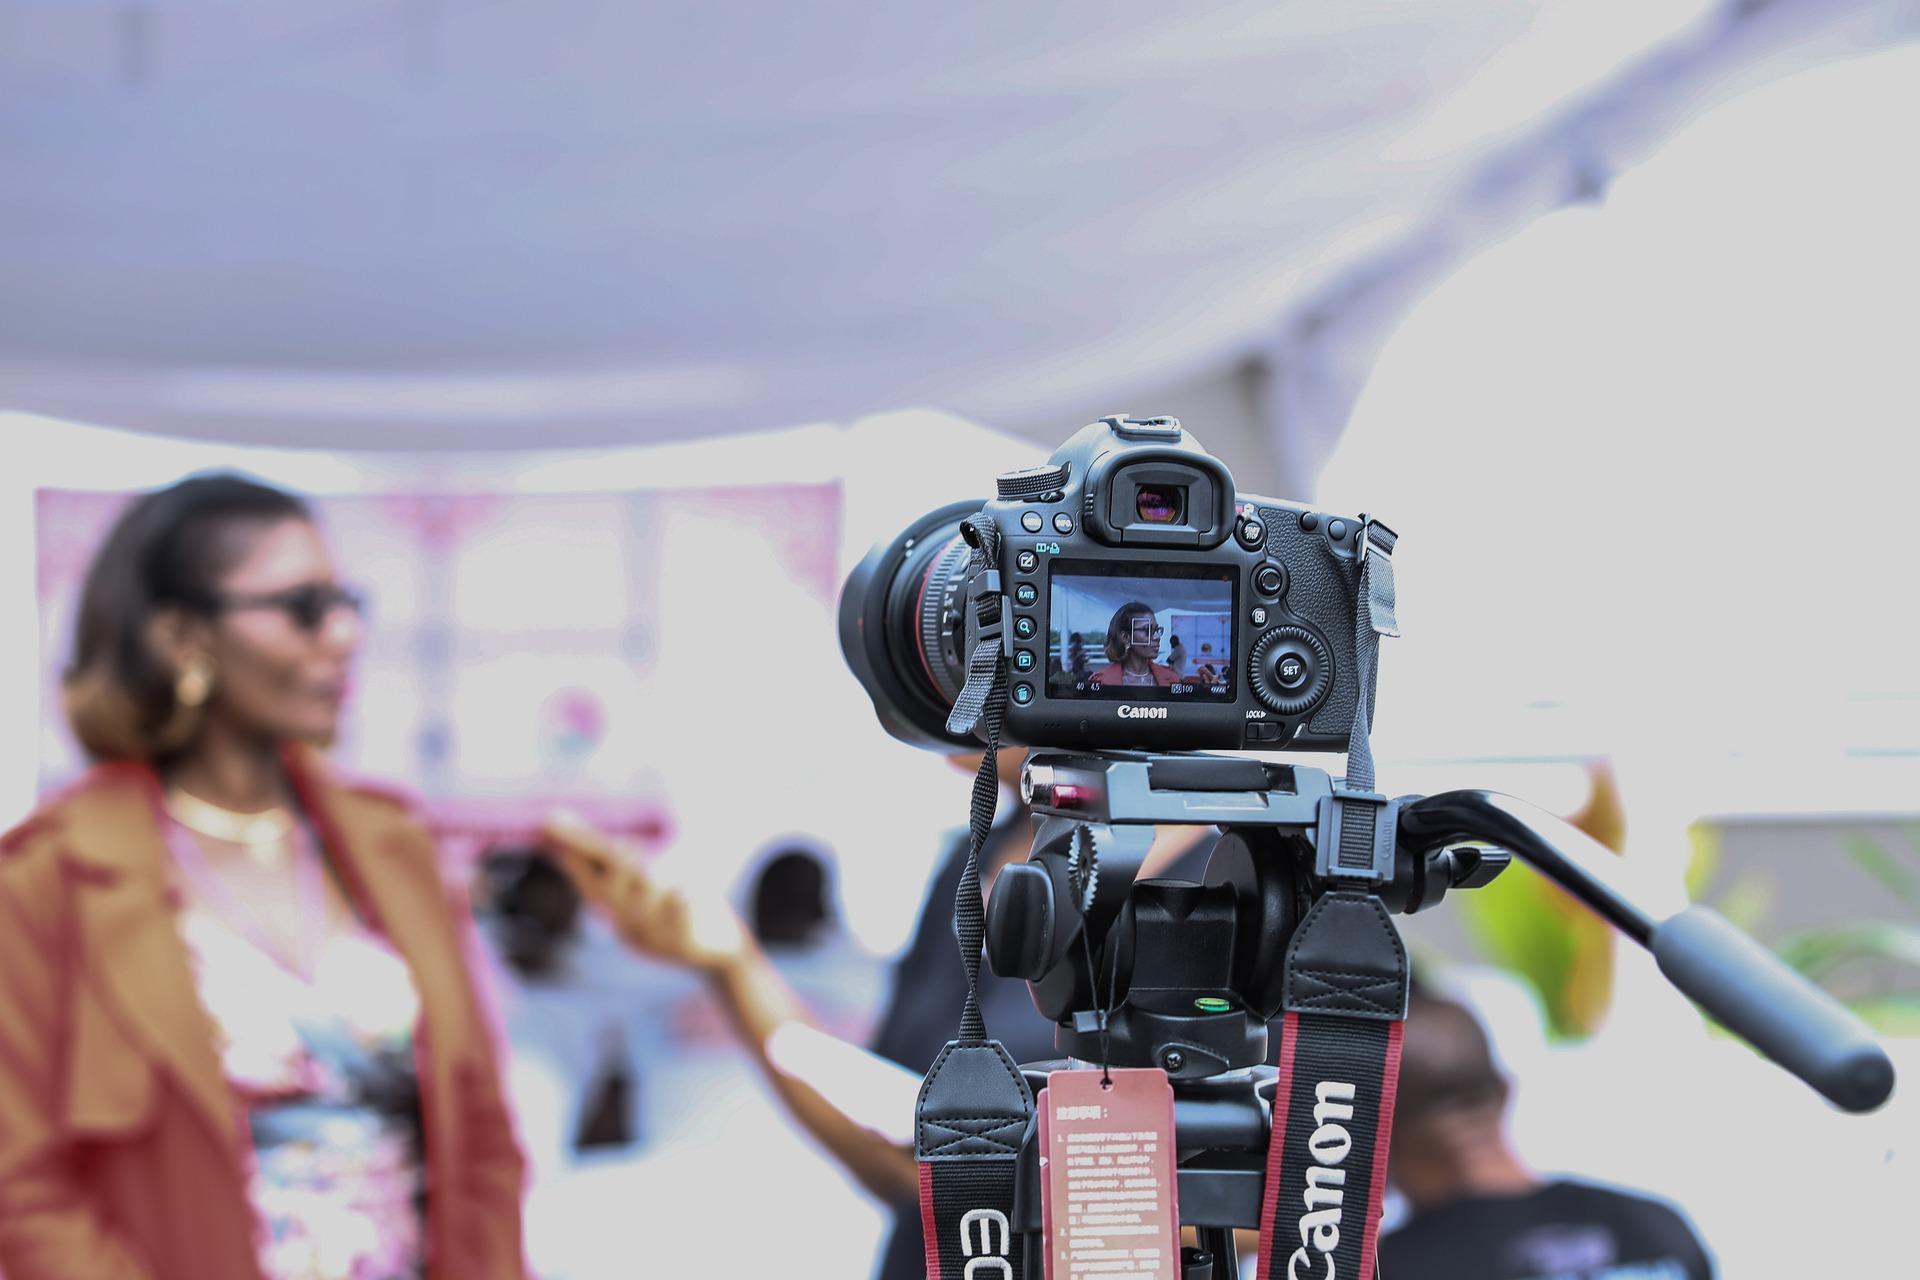 Videographer using a scissor lift platform to improve their angles.